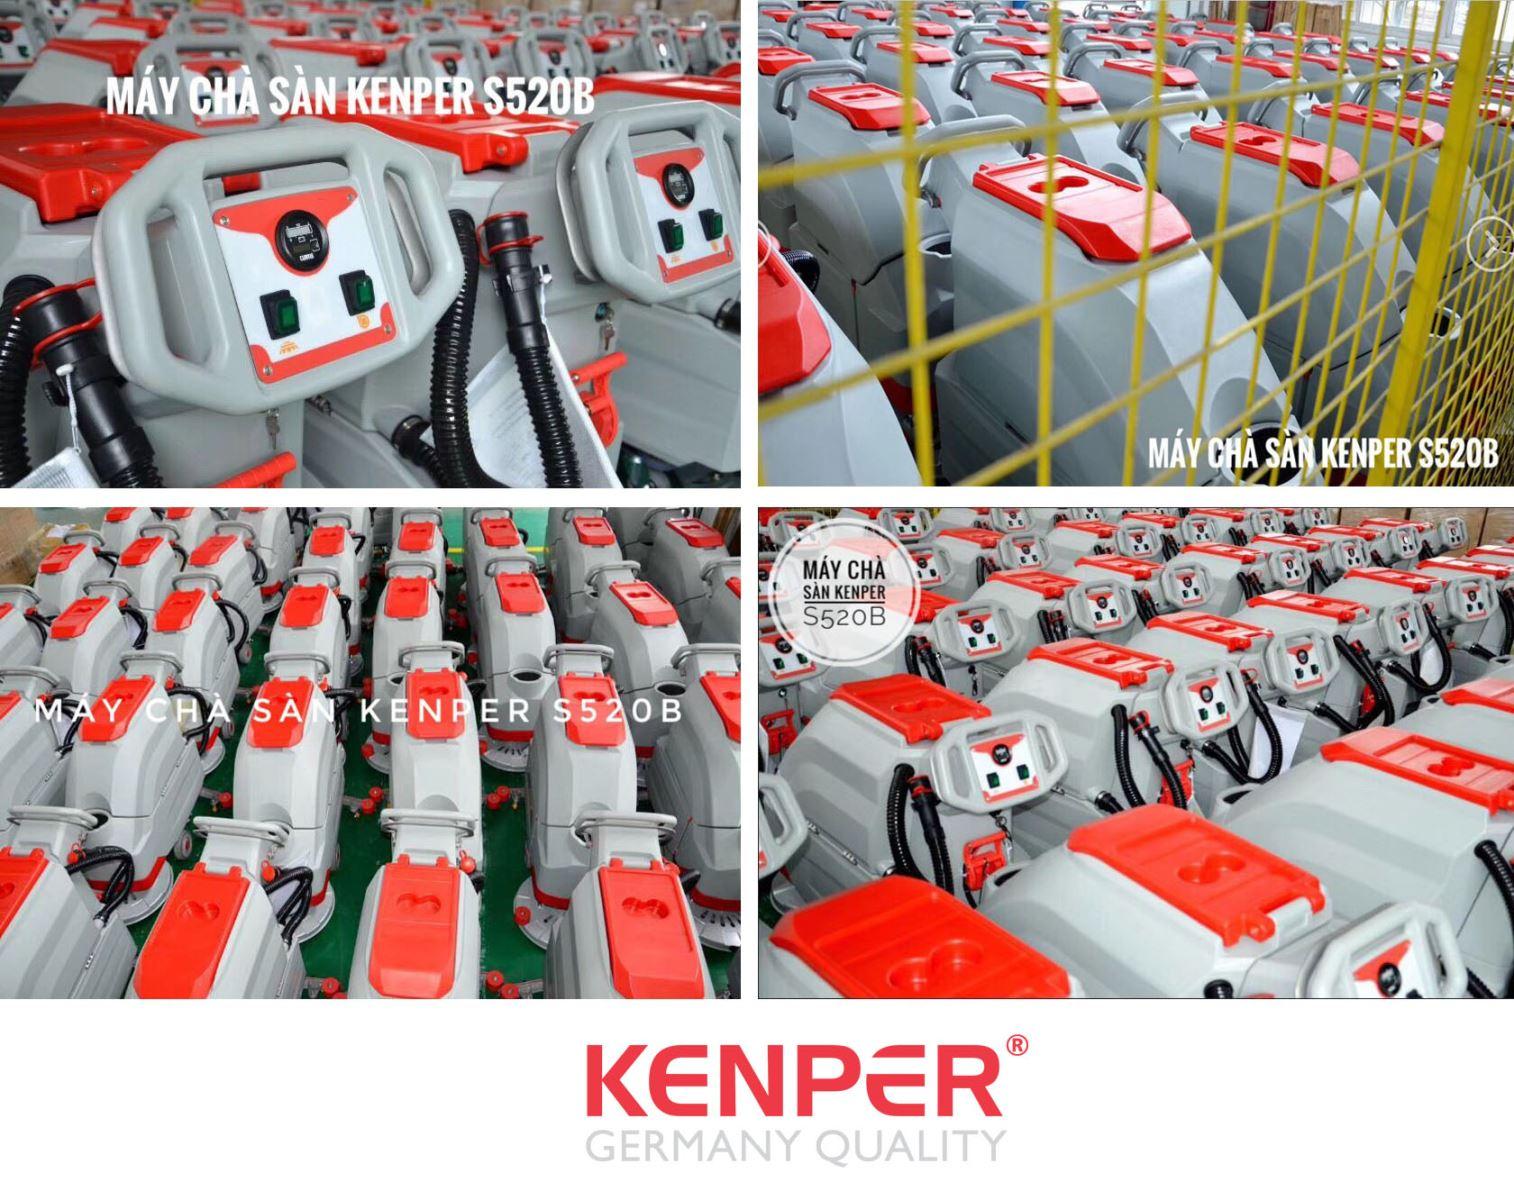 kenper may cha san,  scrubber kenper